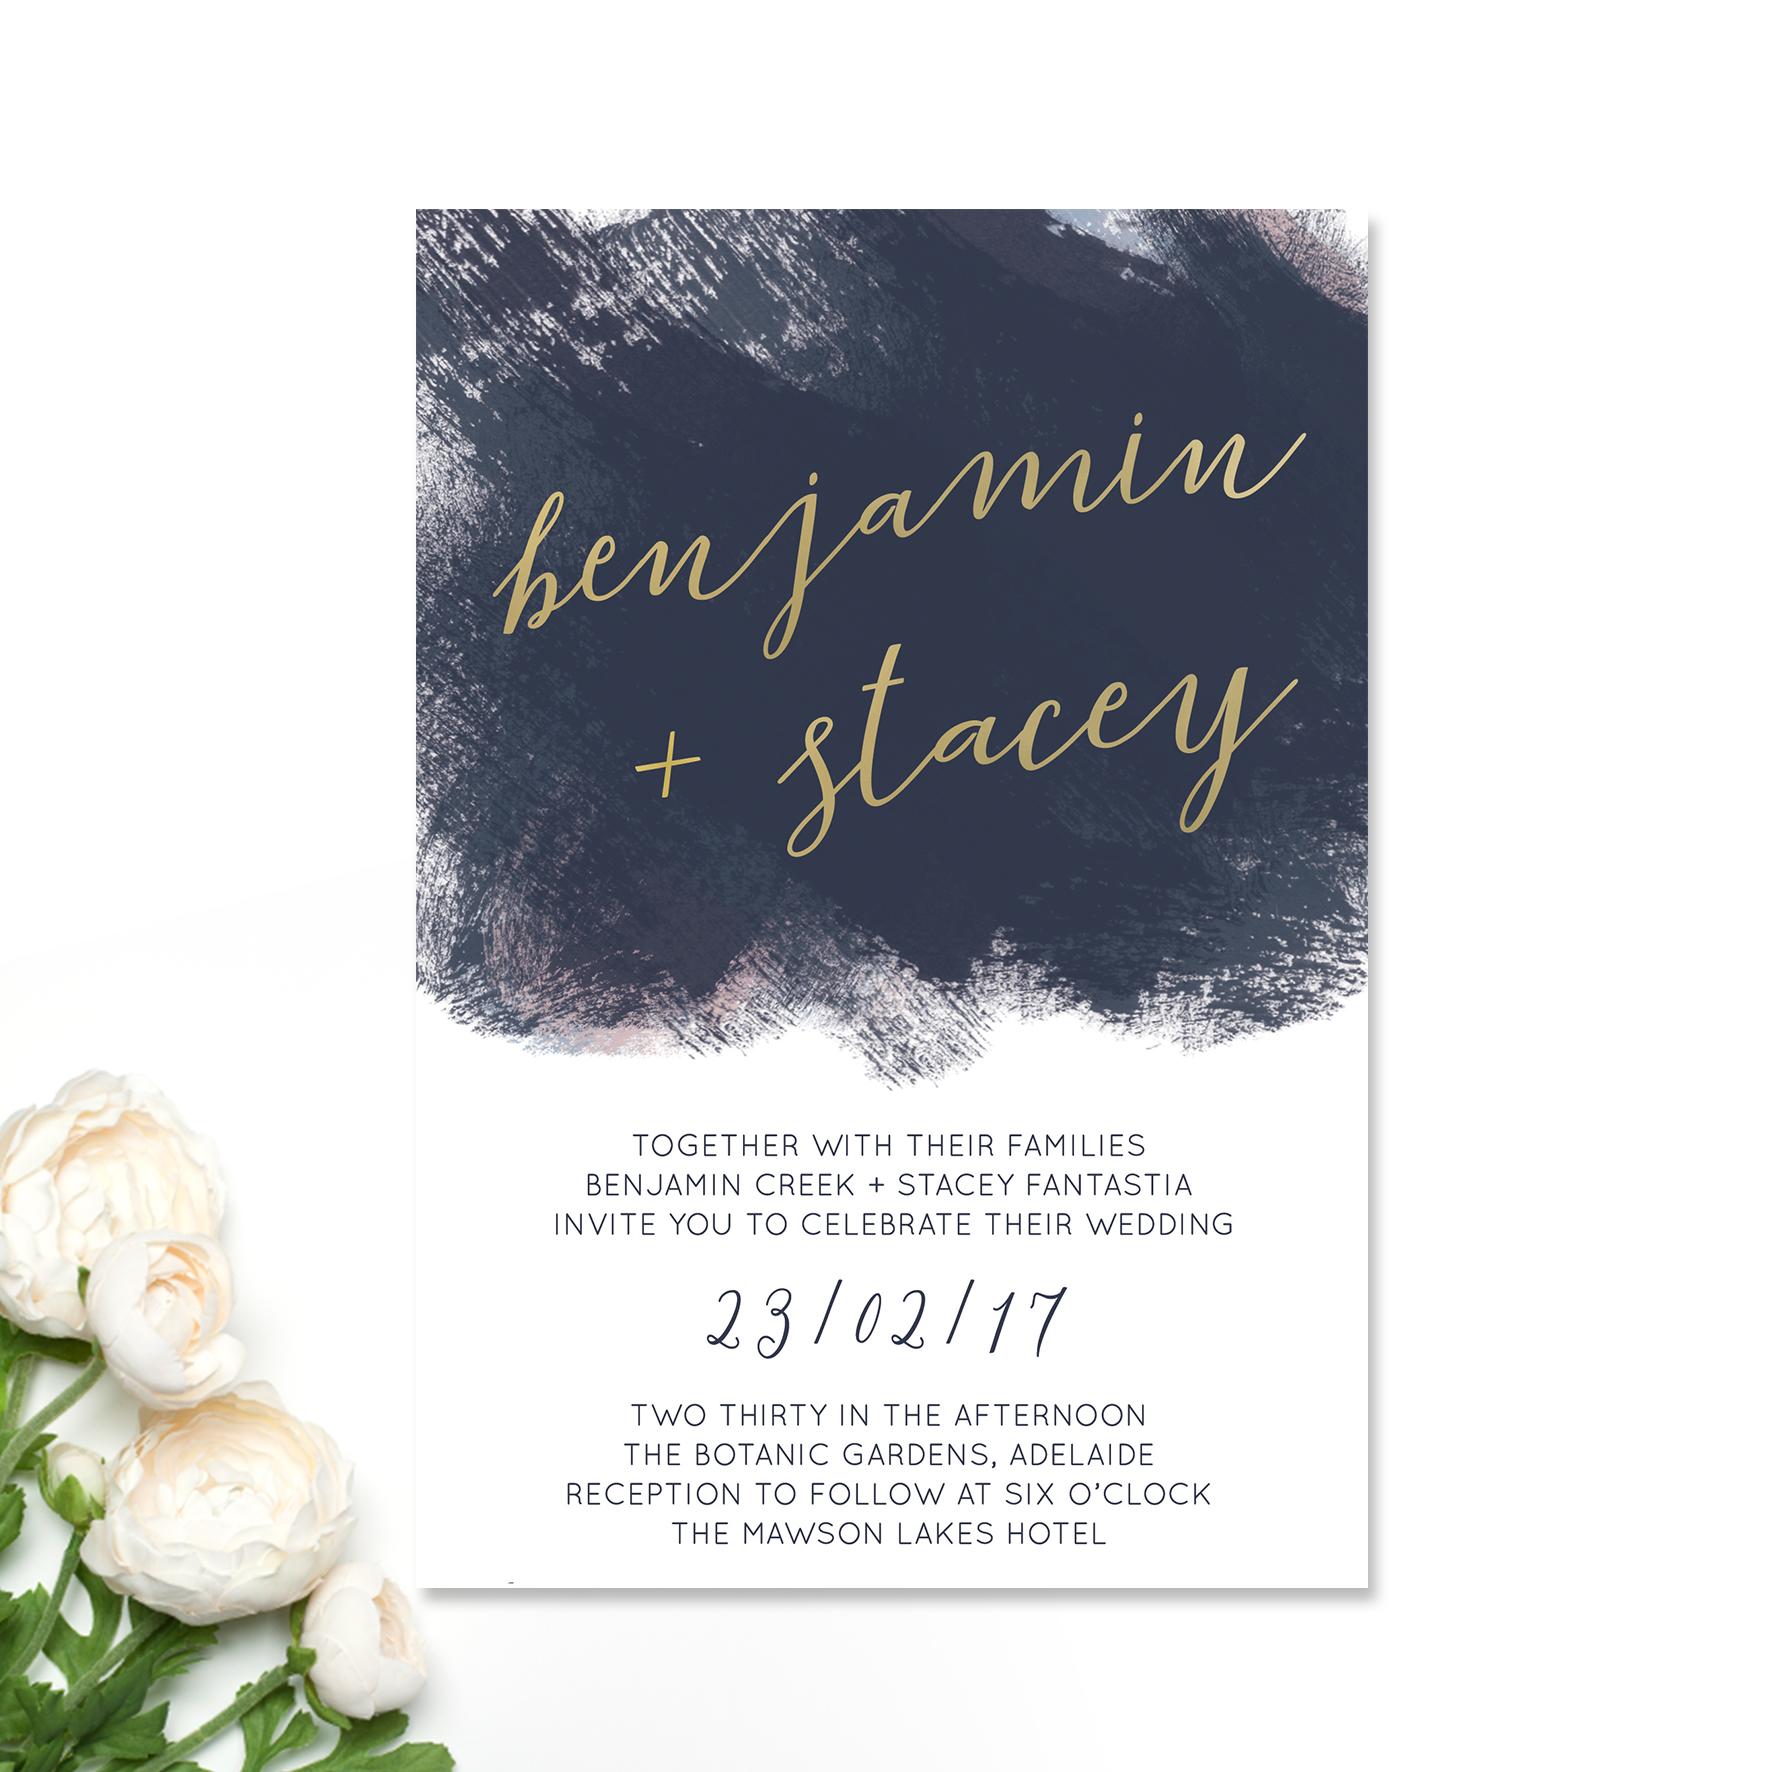 Navy + Blush Splash Wedding Invitation